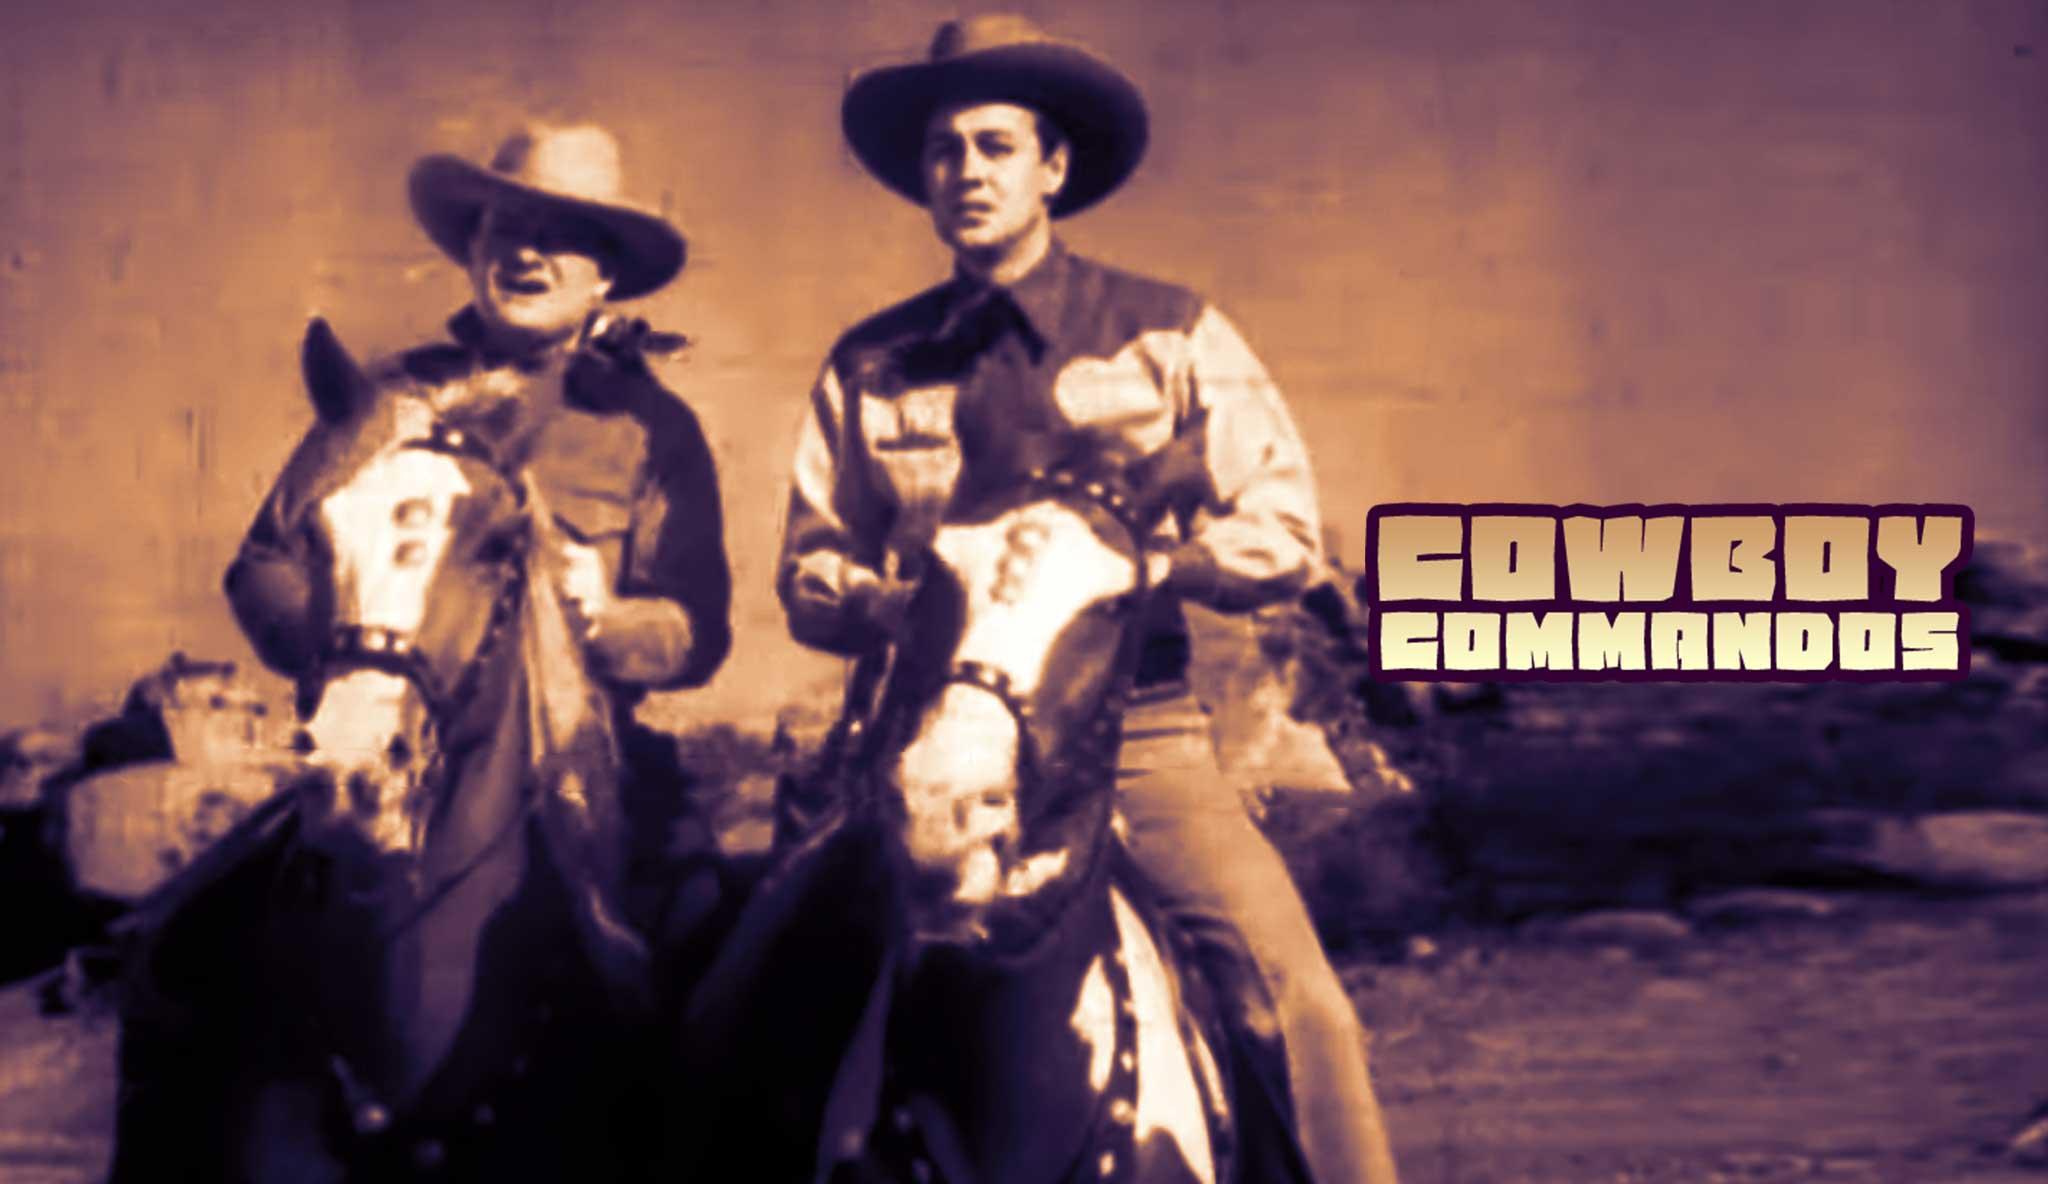 cowboy-commandos\header.jpg